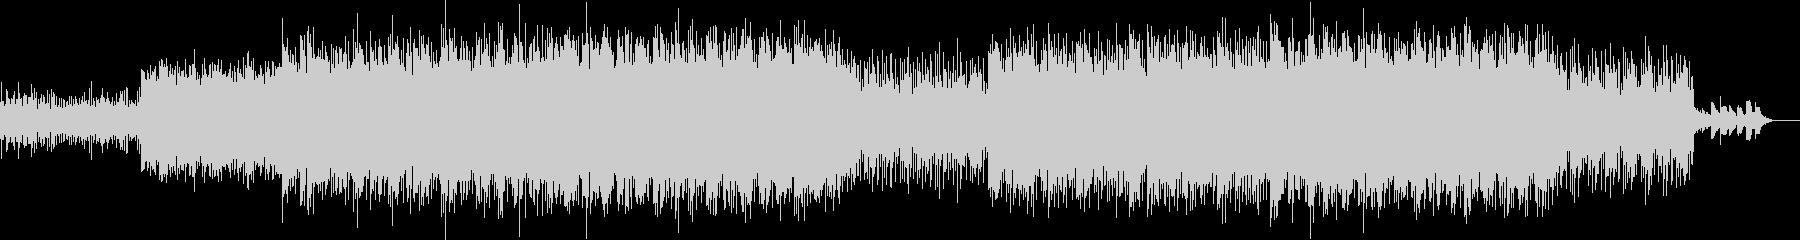 ニュース映像ナレーションバック向け-03の未再生の波形